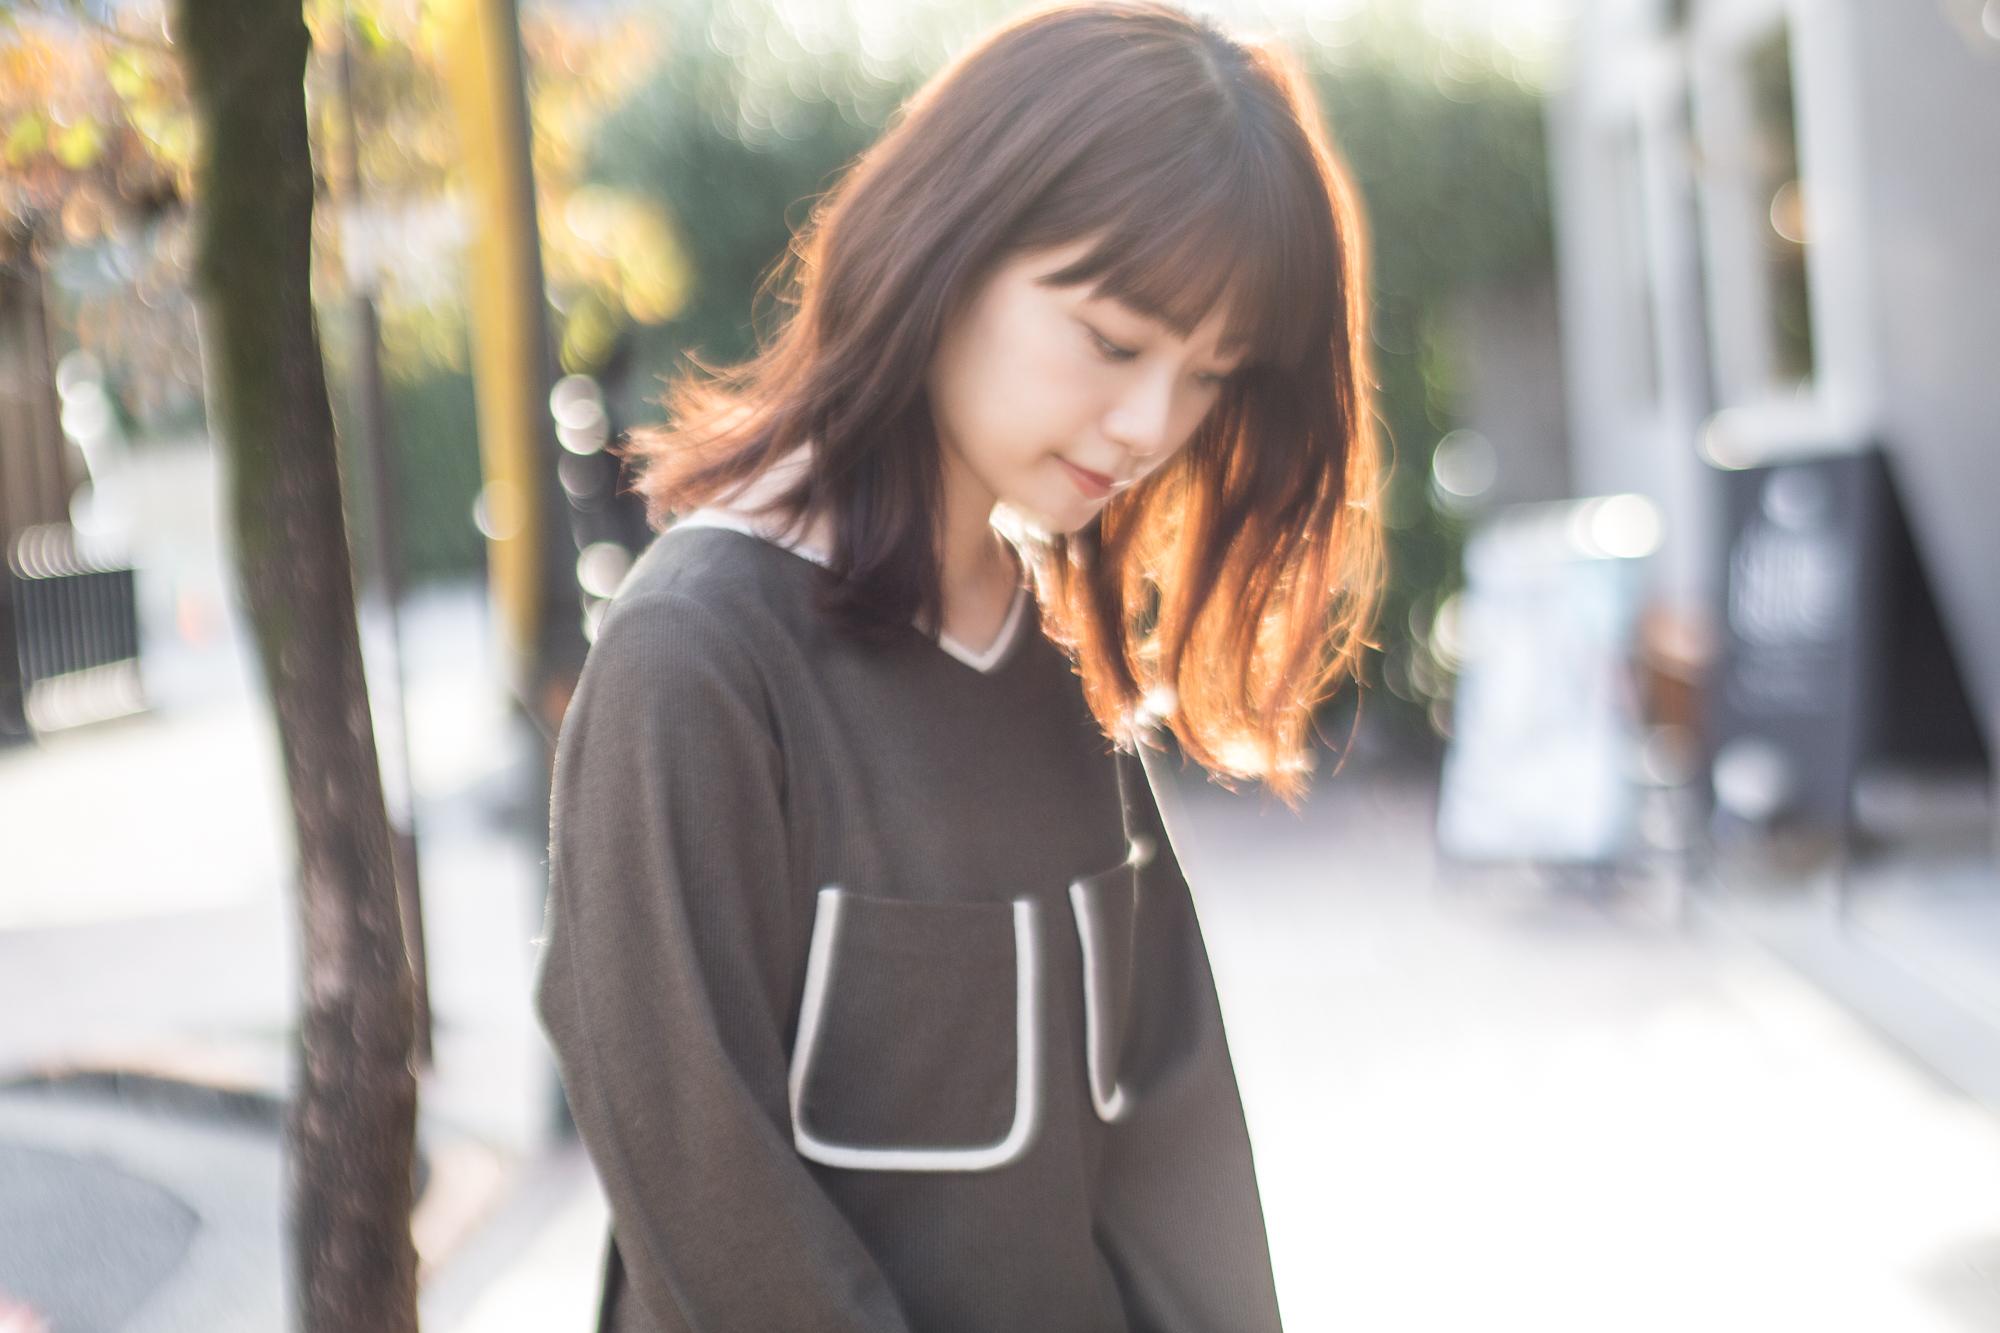 深川麻衣「ダメ元でいいから挑戦する」俳優一本への決意の裏側(フォトギャラリー)